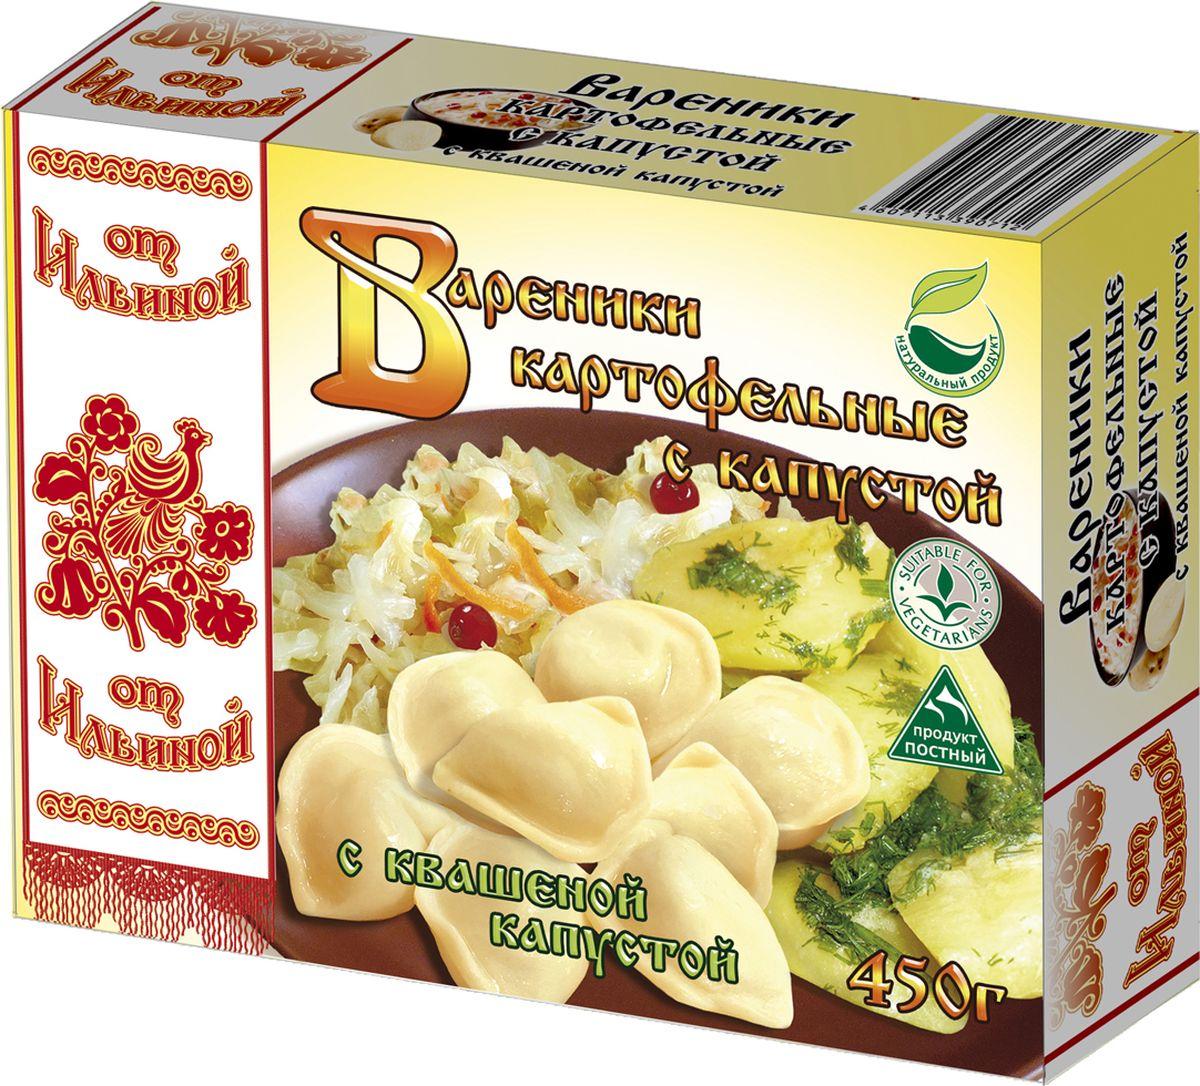 От Ильиной Вареники с картофелем и квашеной капустой, 450 г От Ильиной